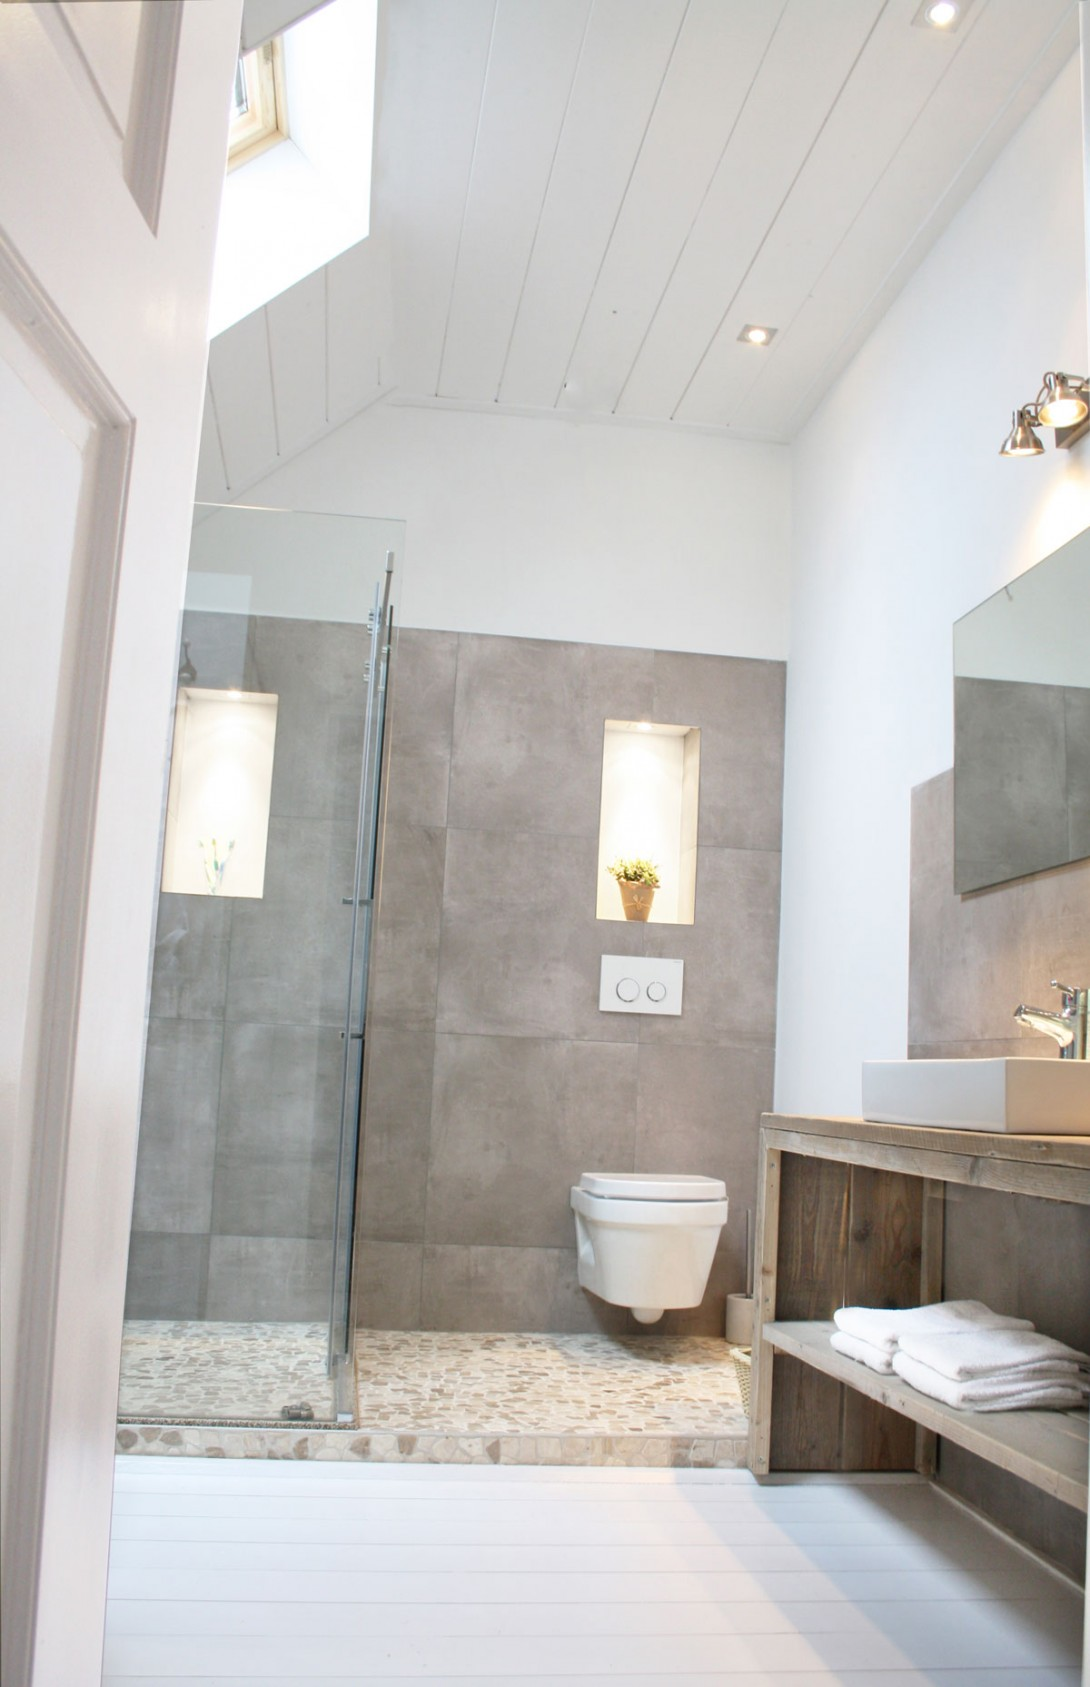 Interieur projecten - Badkamer ontwerp